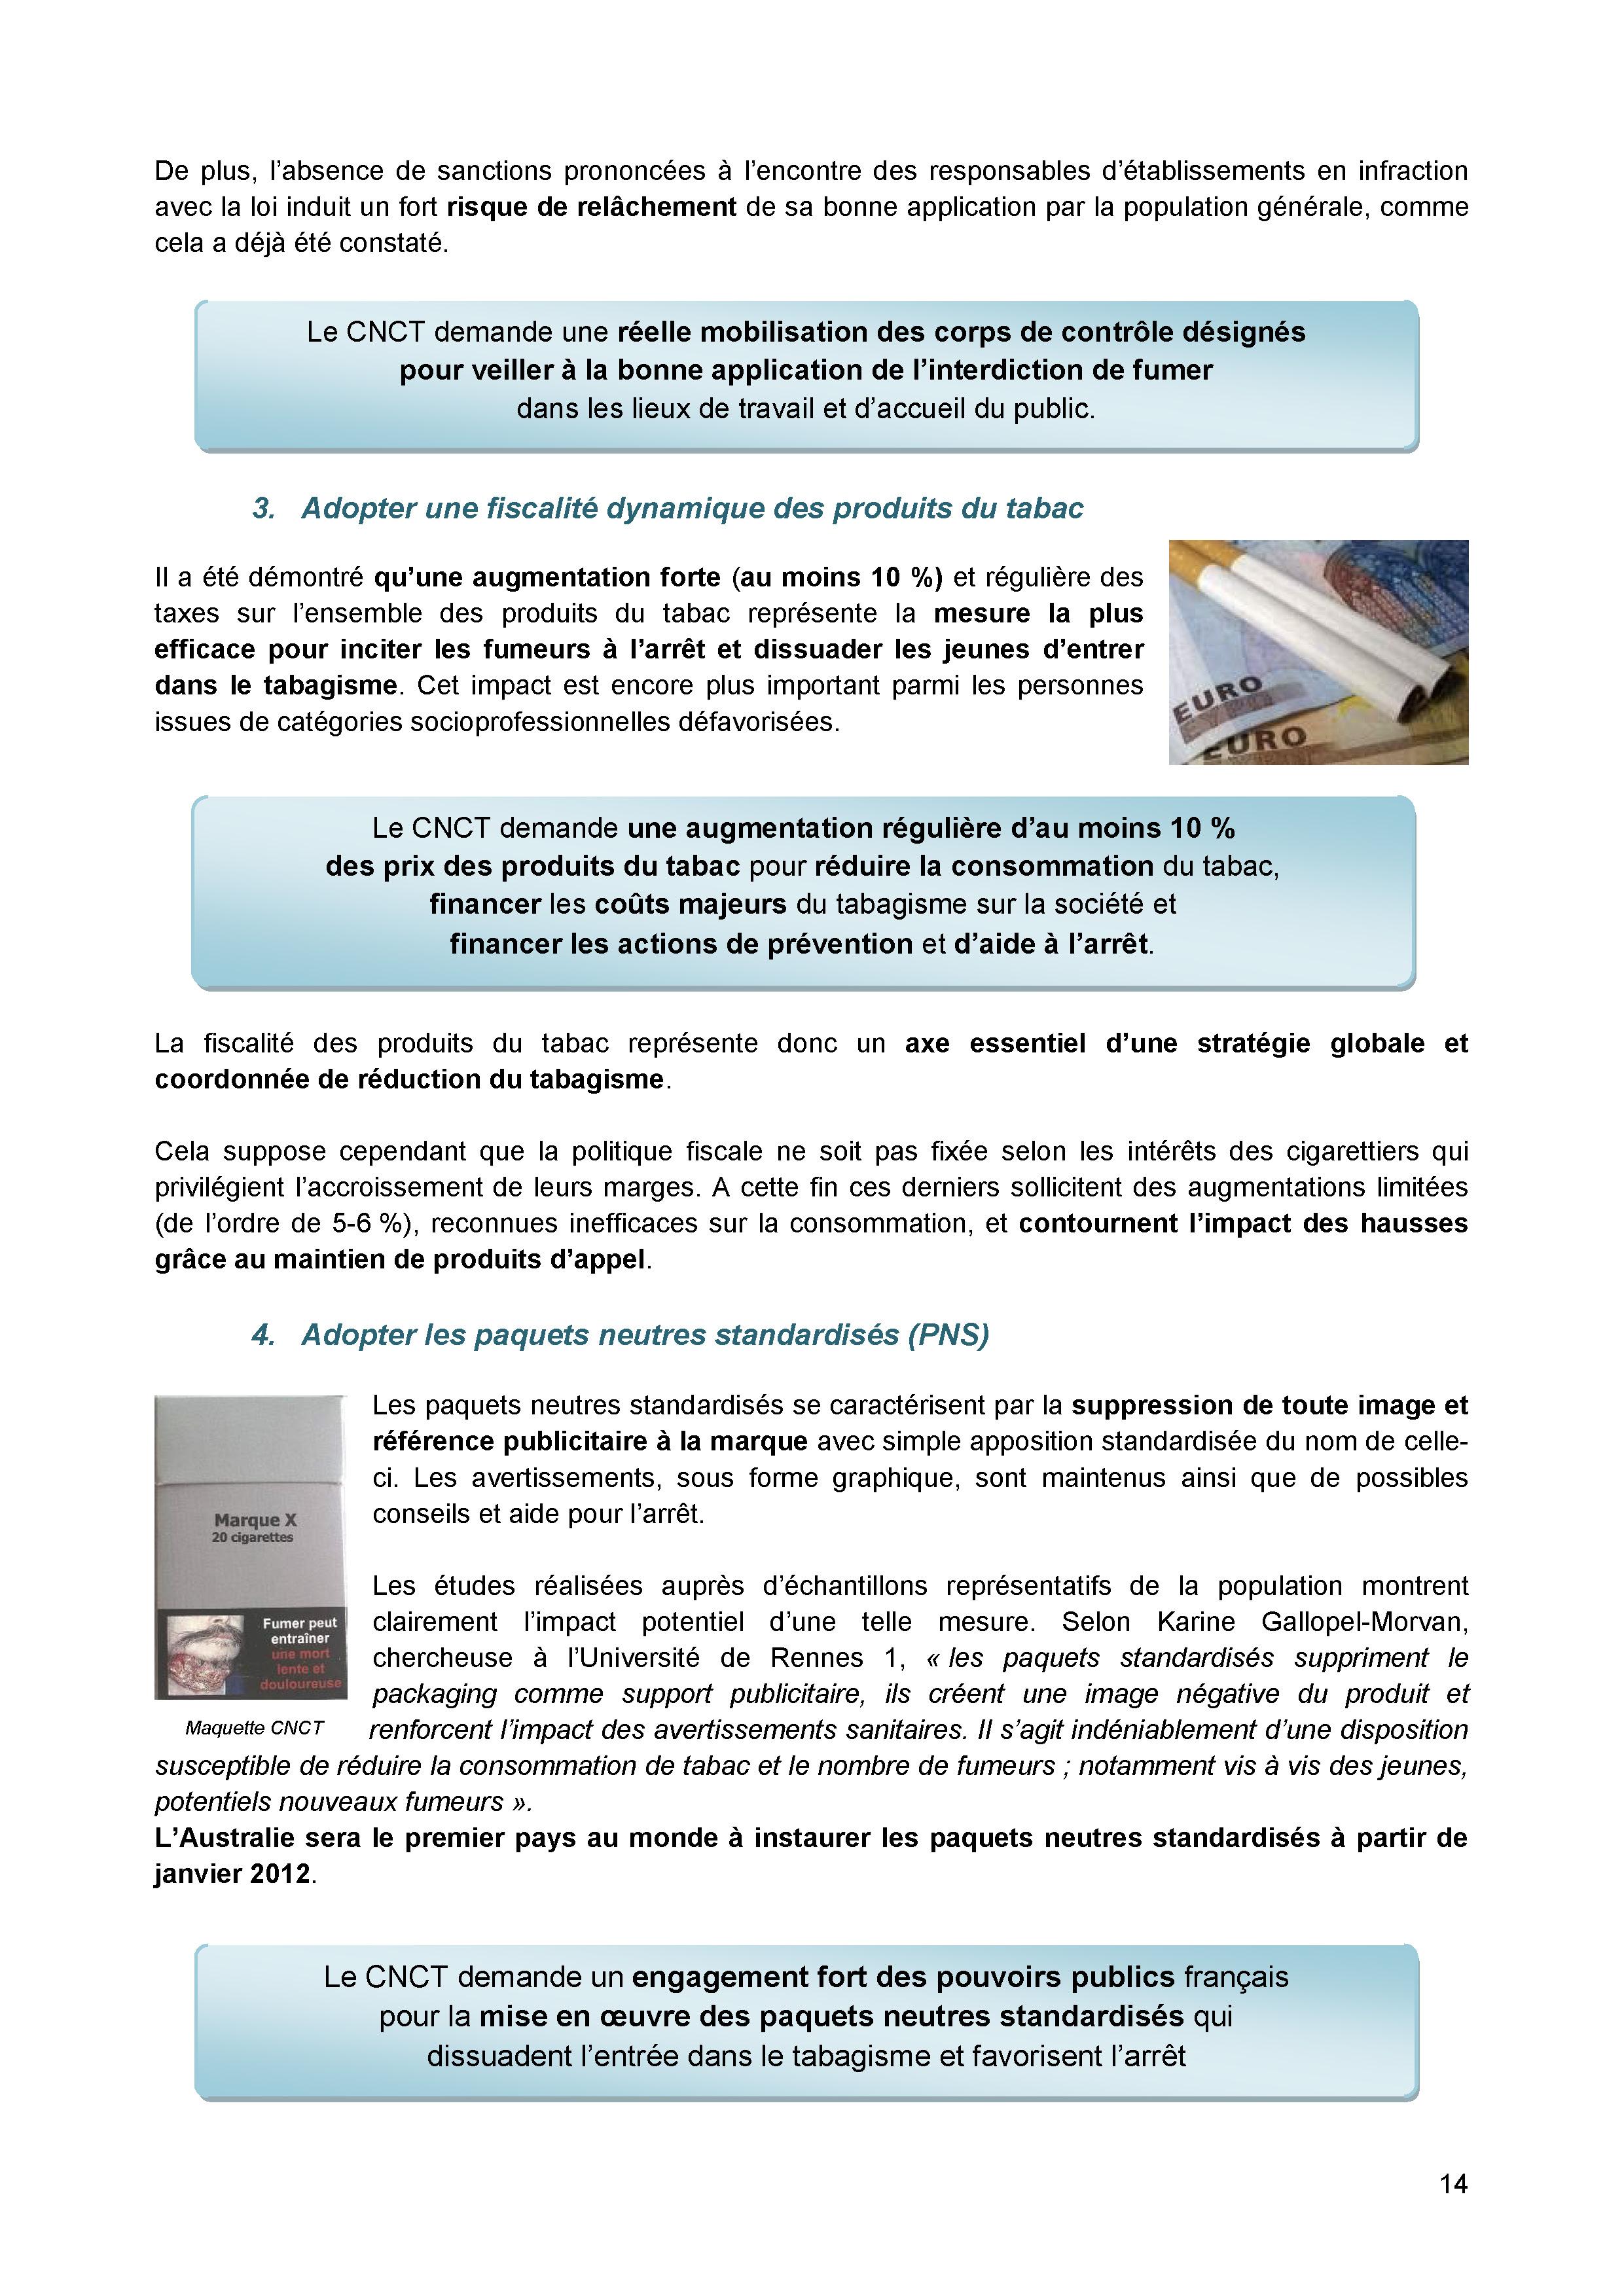 CNCT-DP-l-envers-du-decor-17mai2011_Page_14.jpg